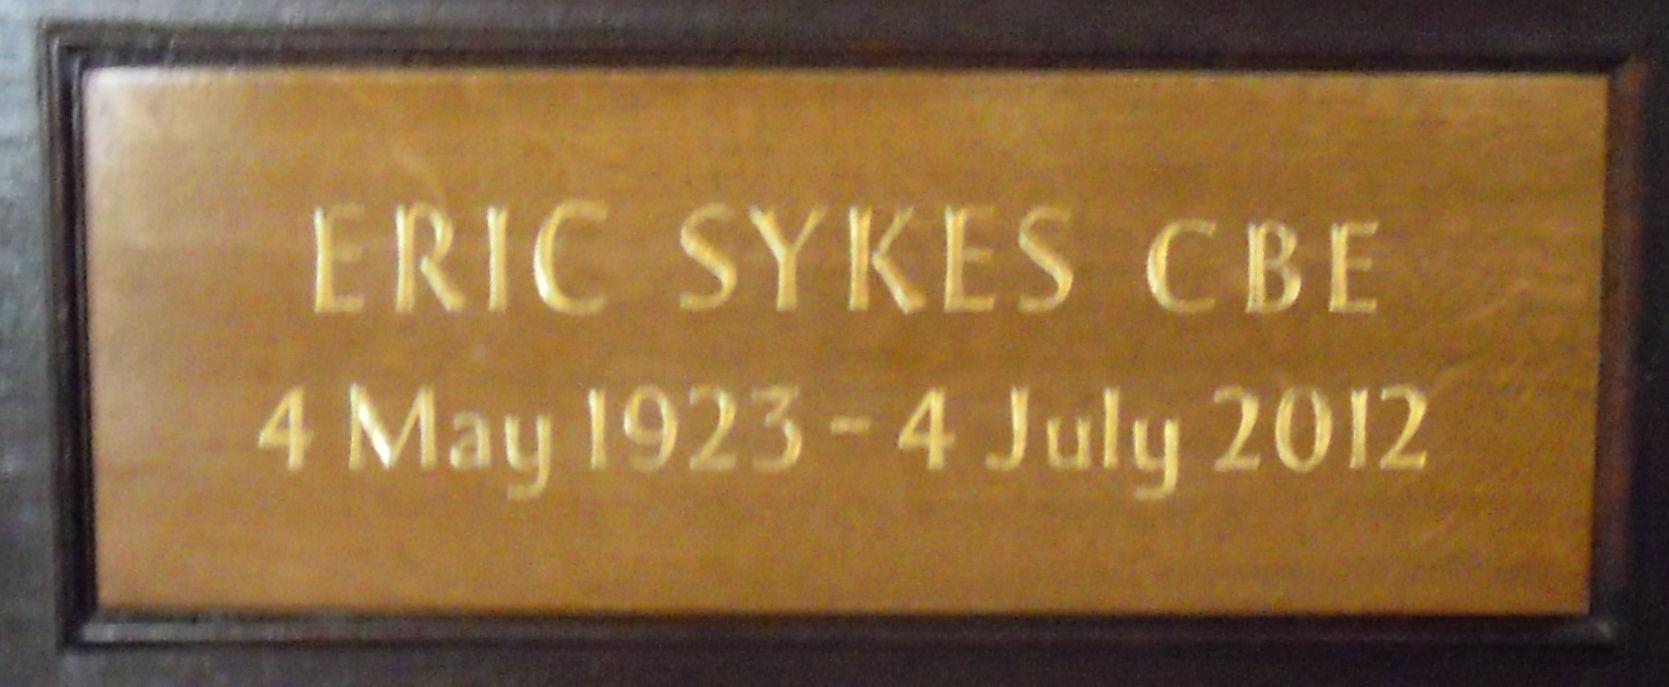 eric sykes plaque covent garden.jpg